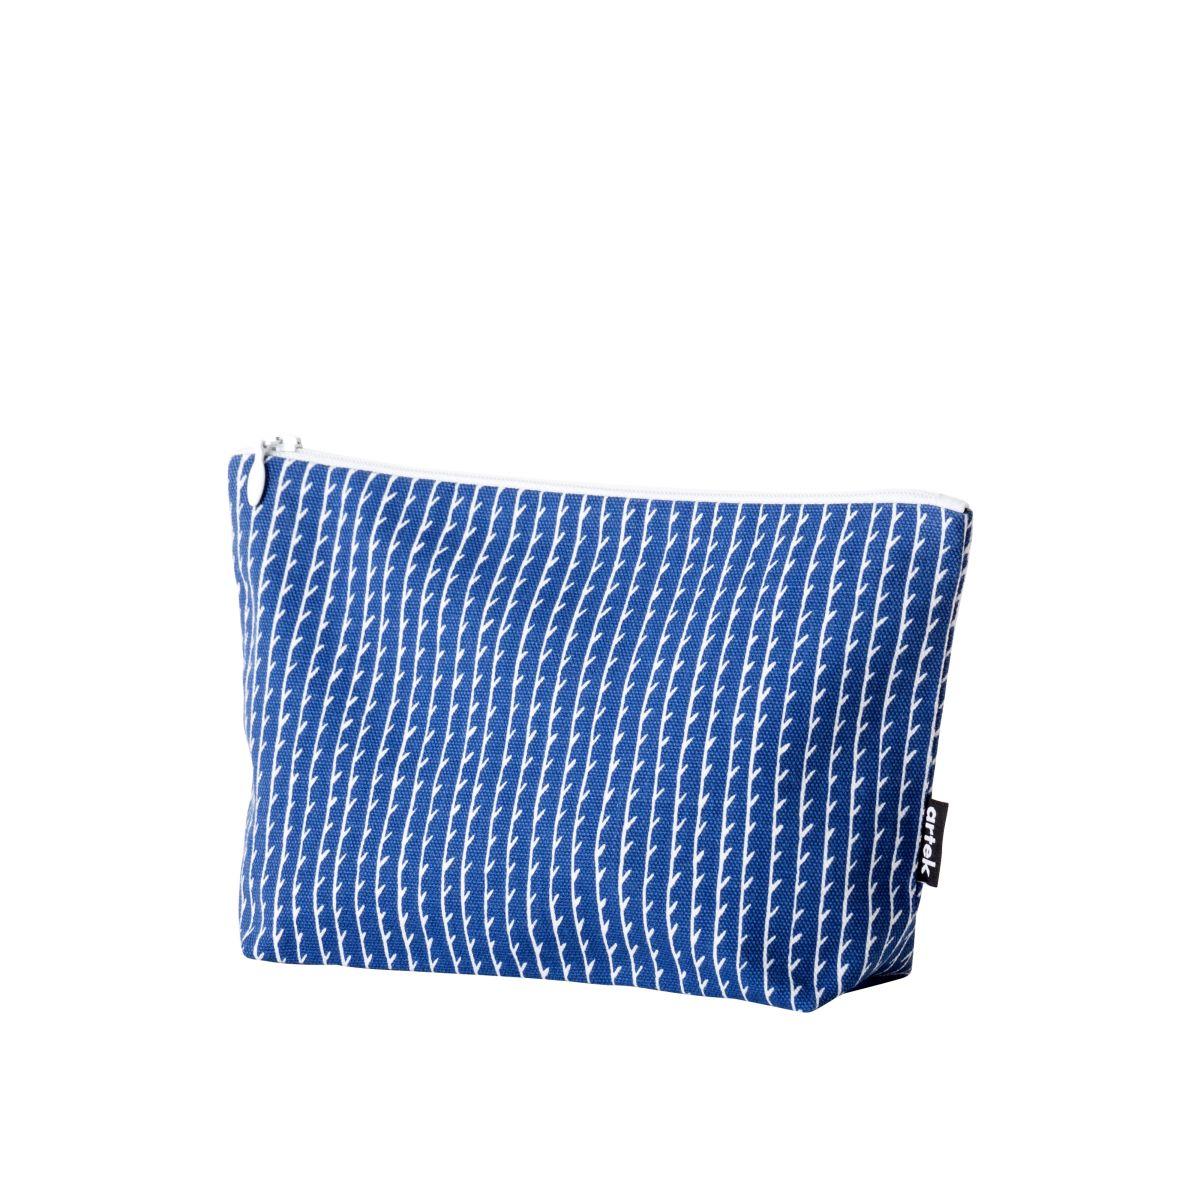 Rivi Pouch small blue white